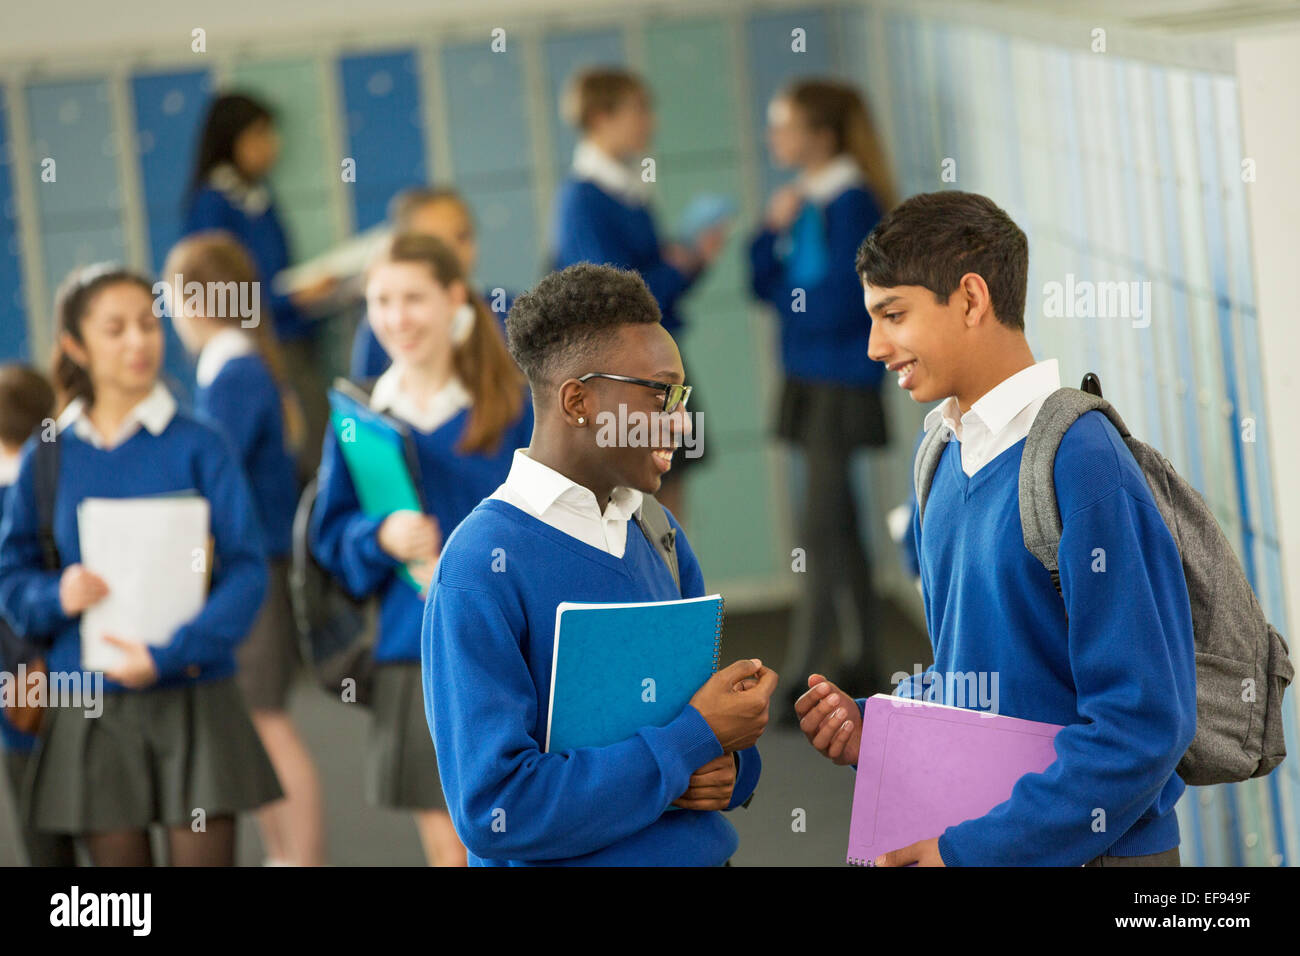 Two male students wearing school uniforms talking in locker room Stock Photo